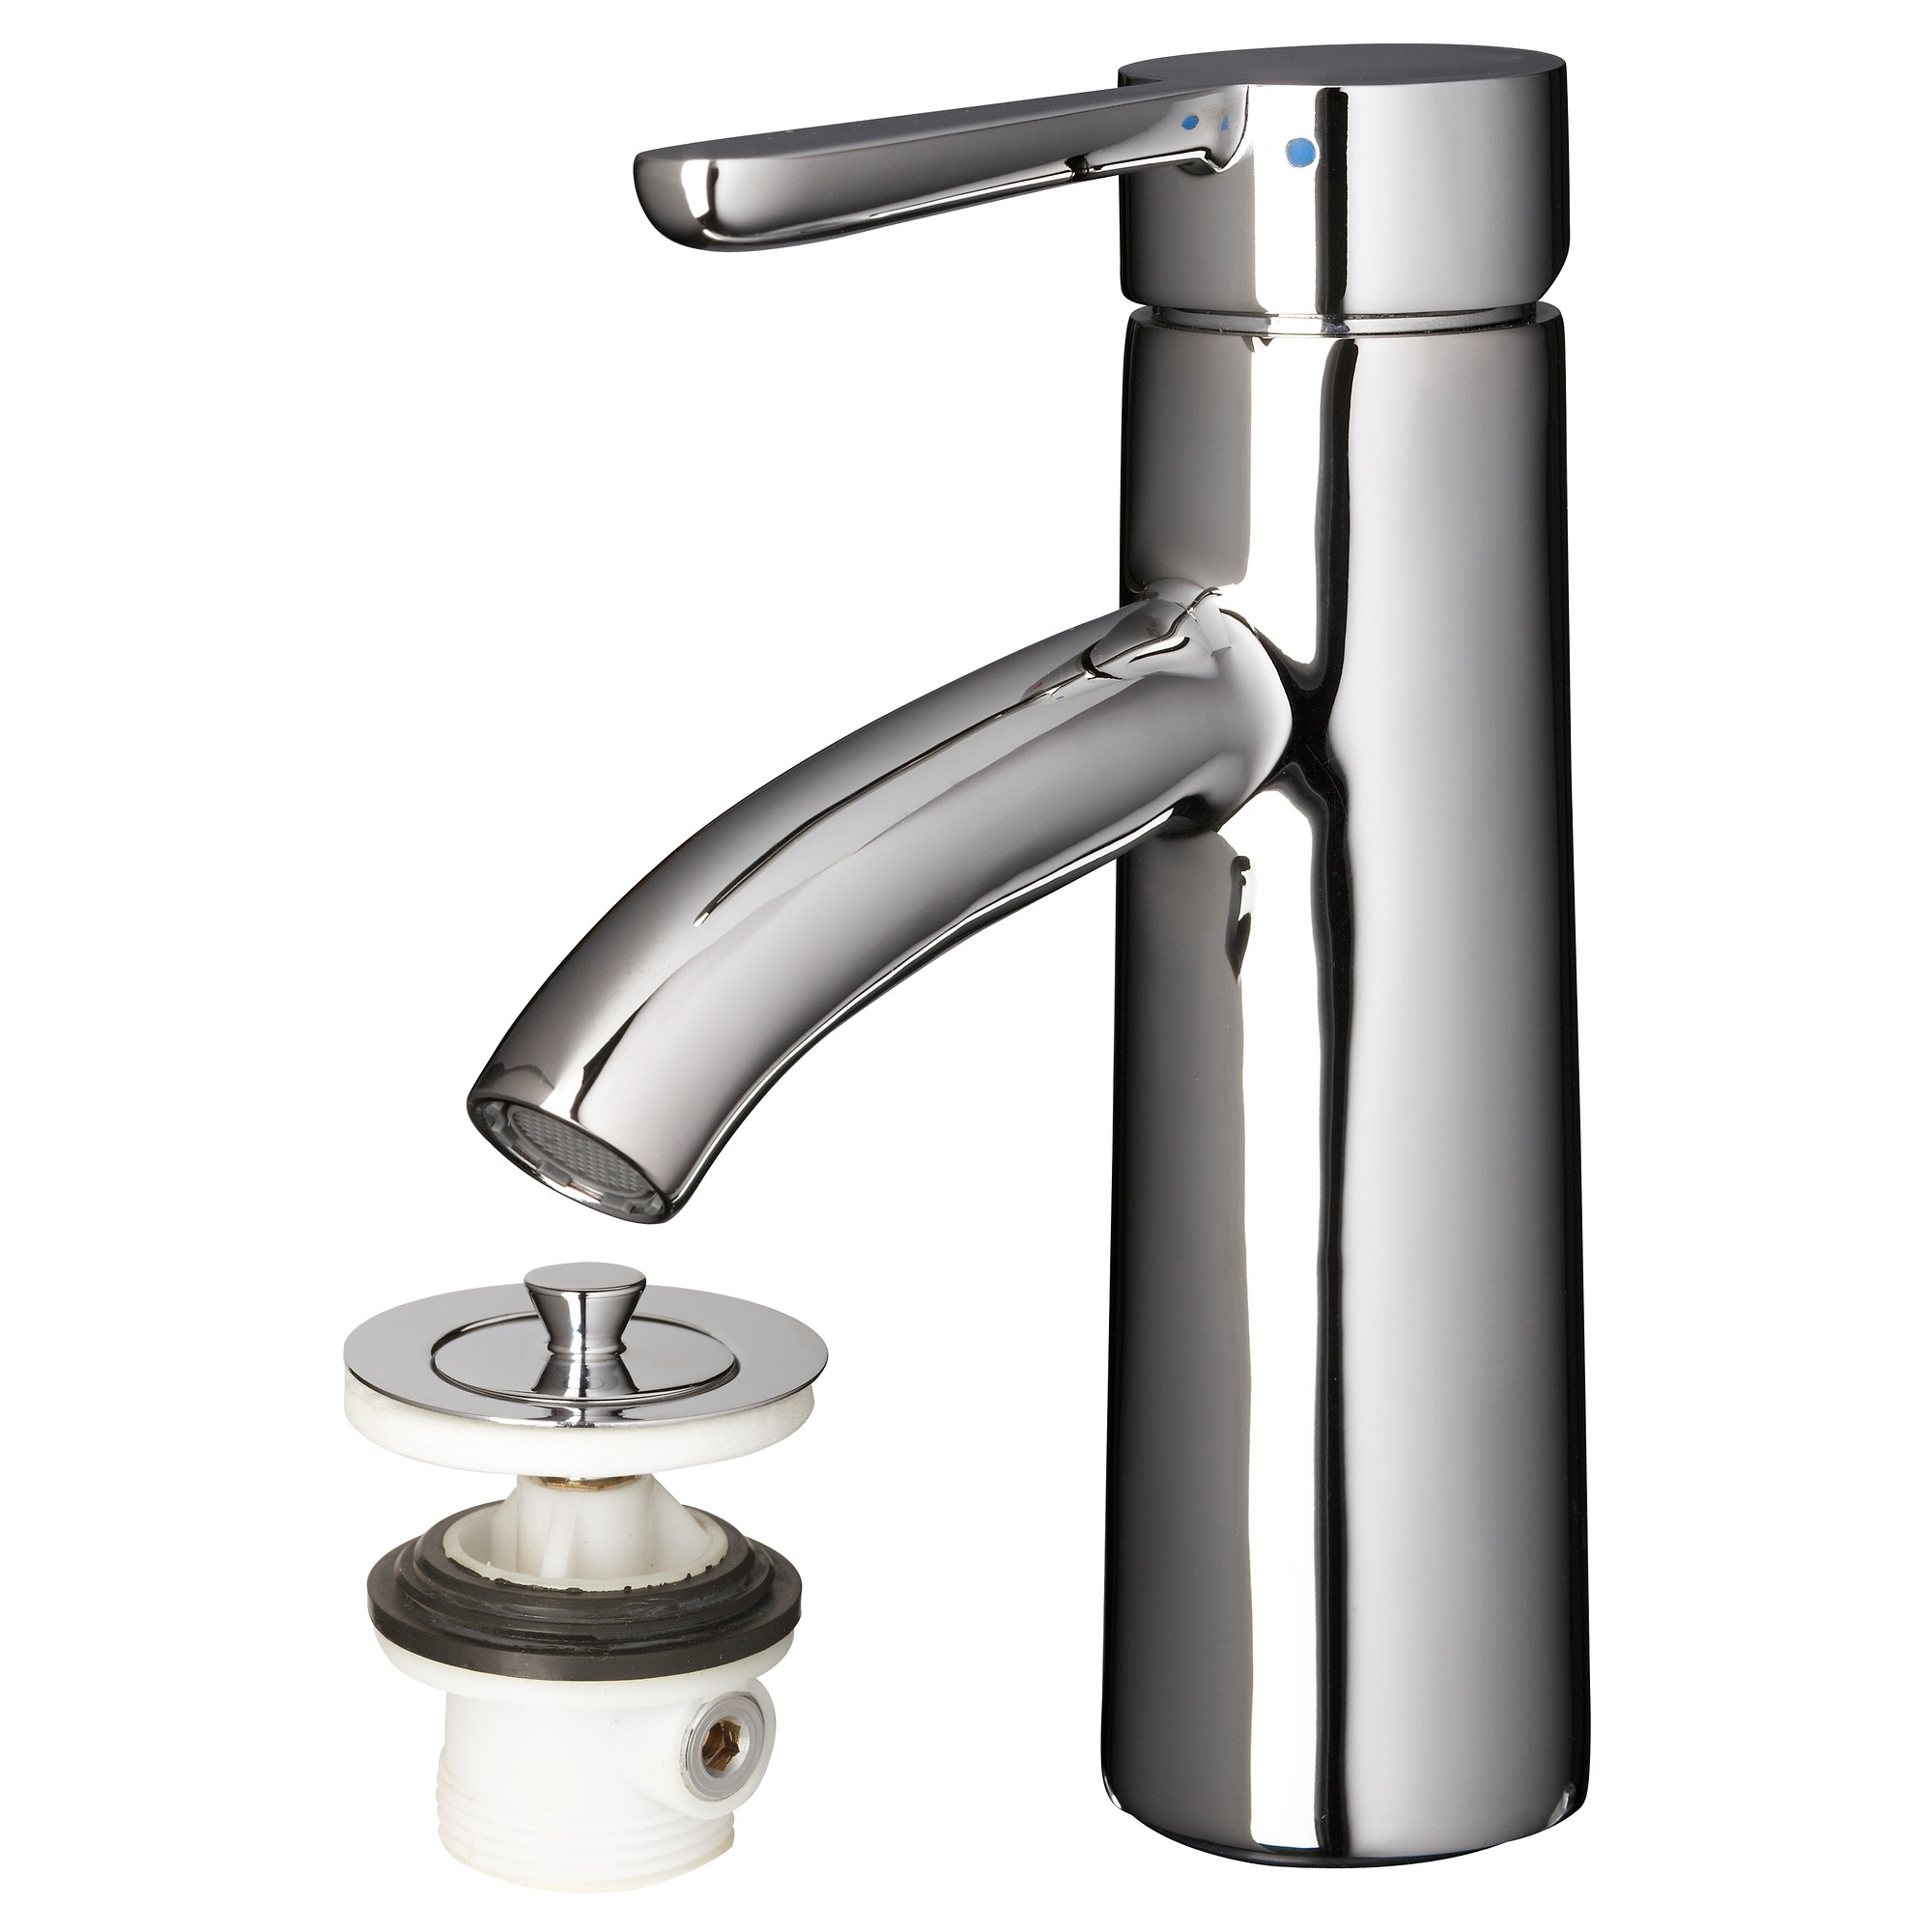 Dalsk r grifo con filtro for Grifos lavabo ikea